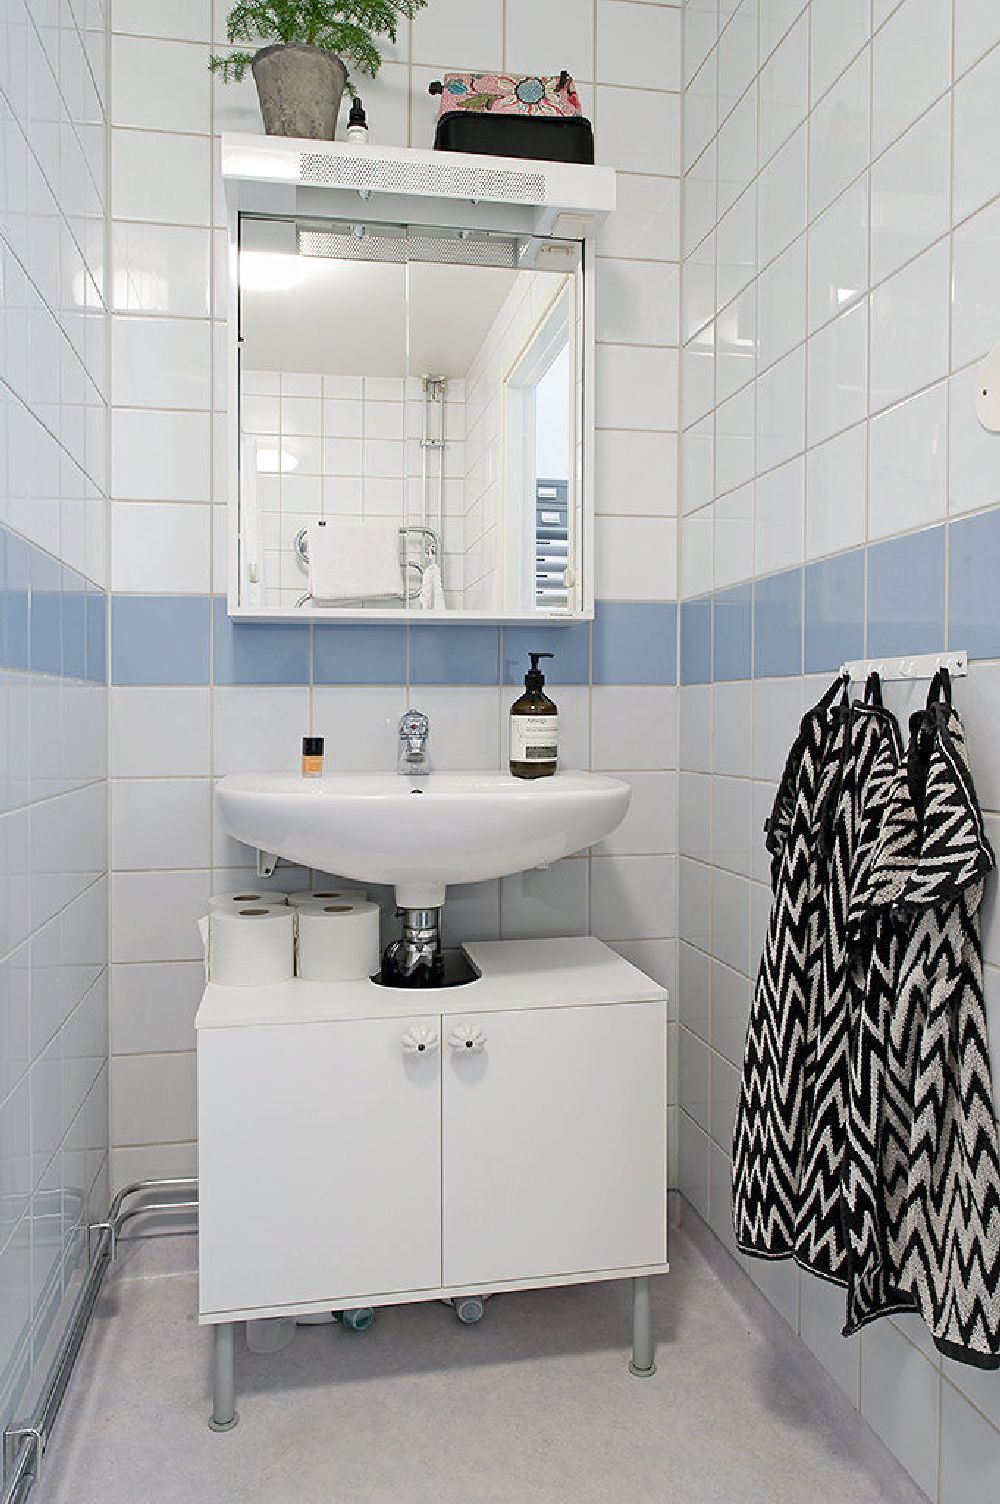 adelaparvu.com despre apartament 2 camere 51 mp Suedia, Foto Alvhem (19)